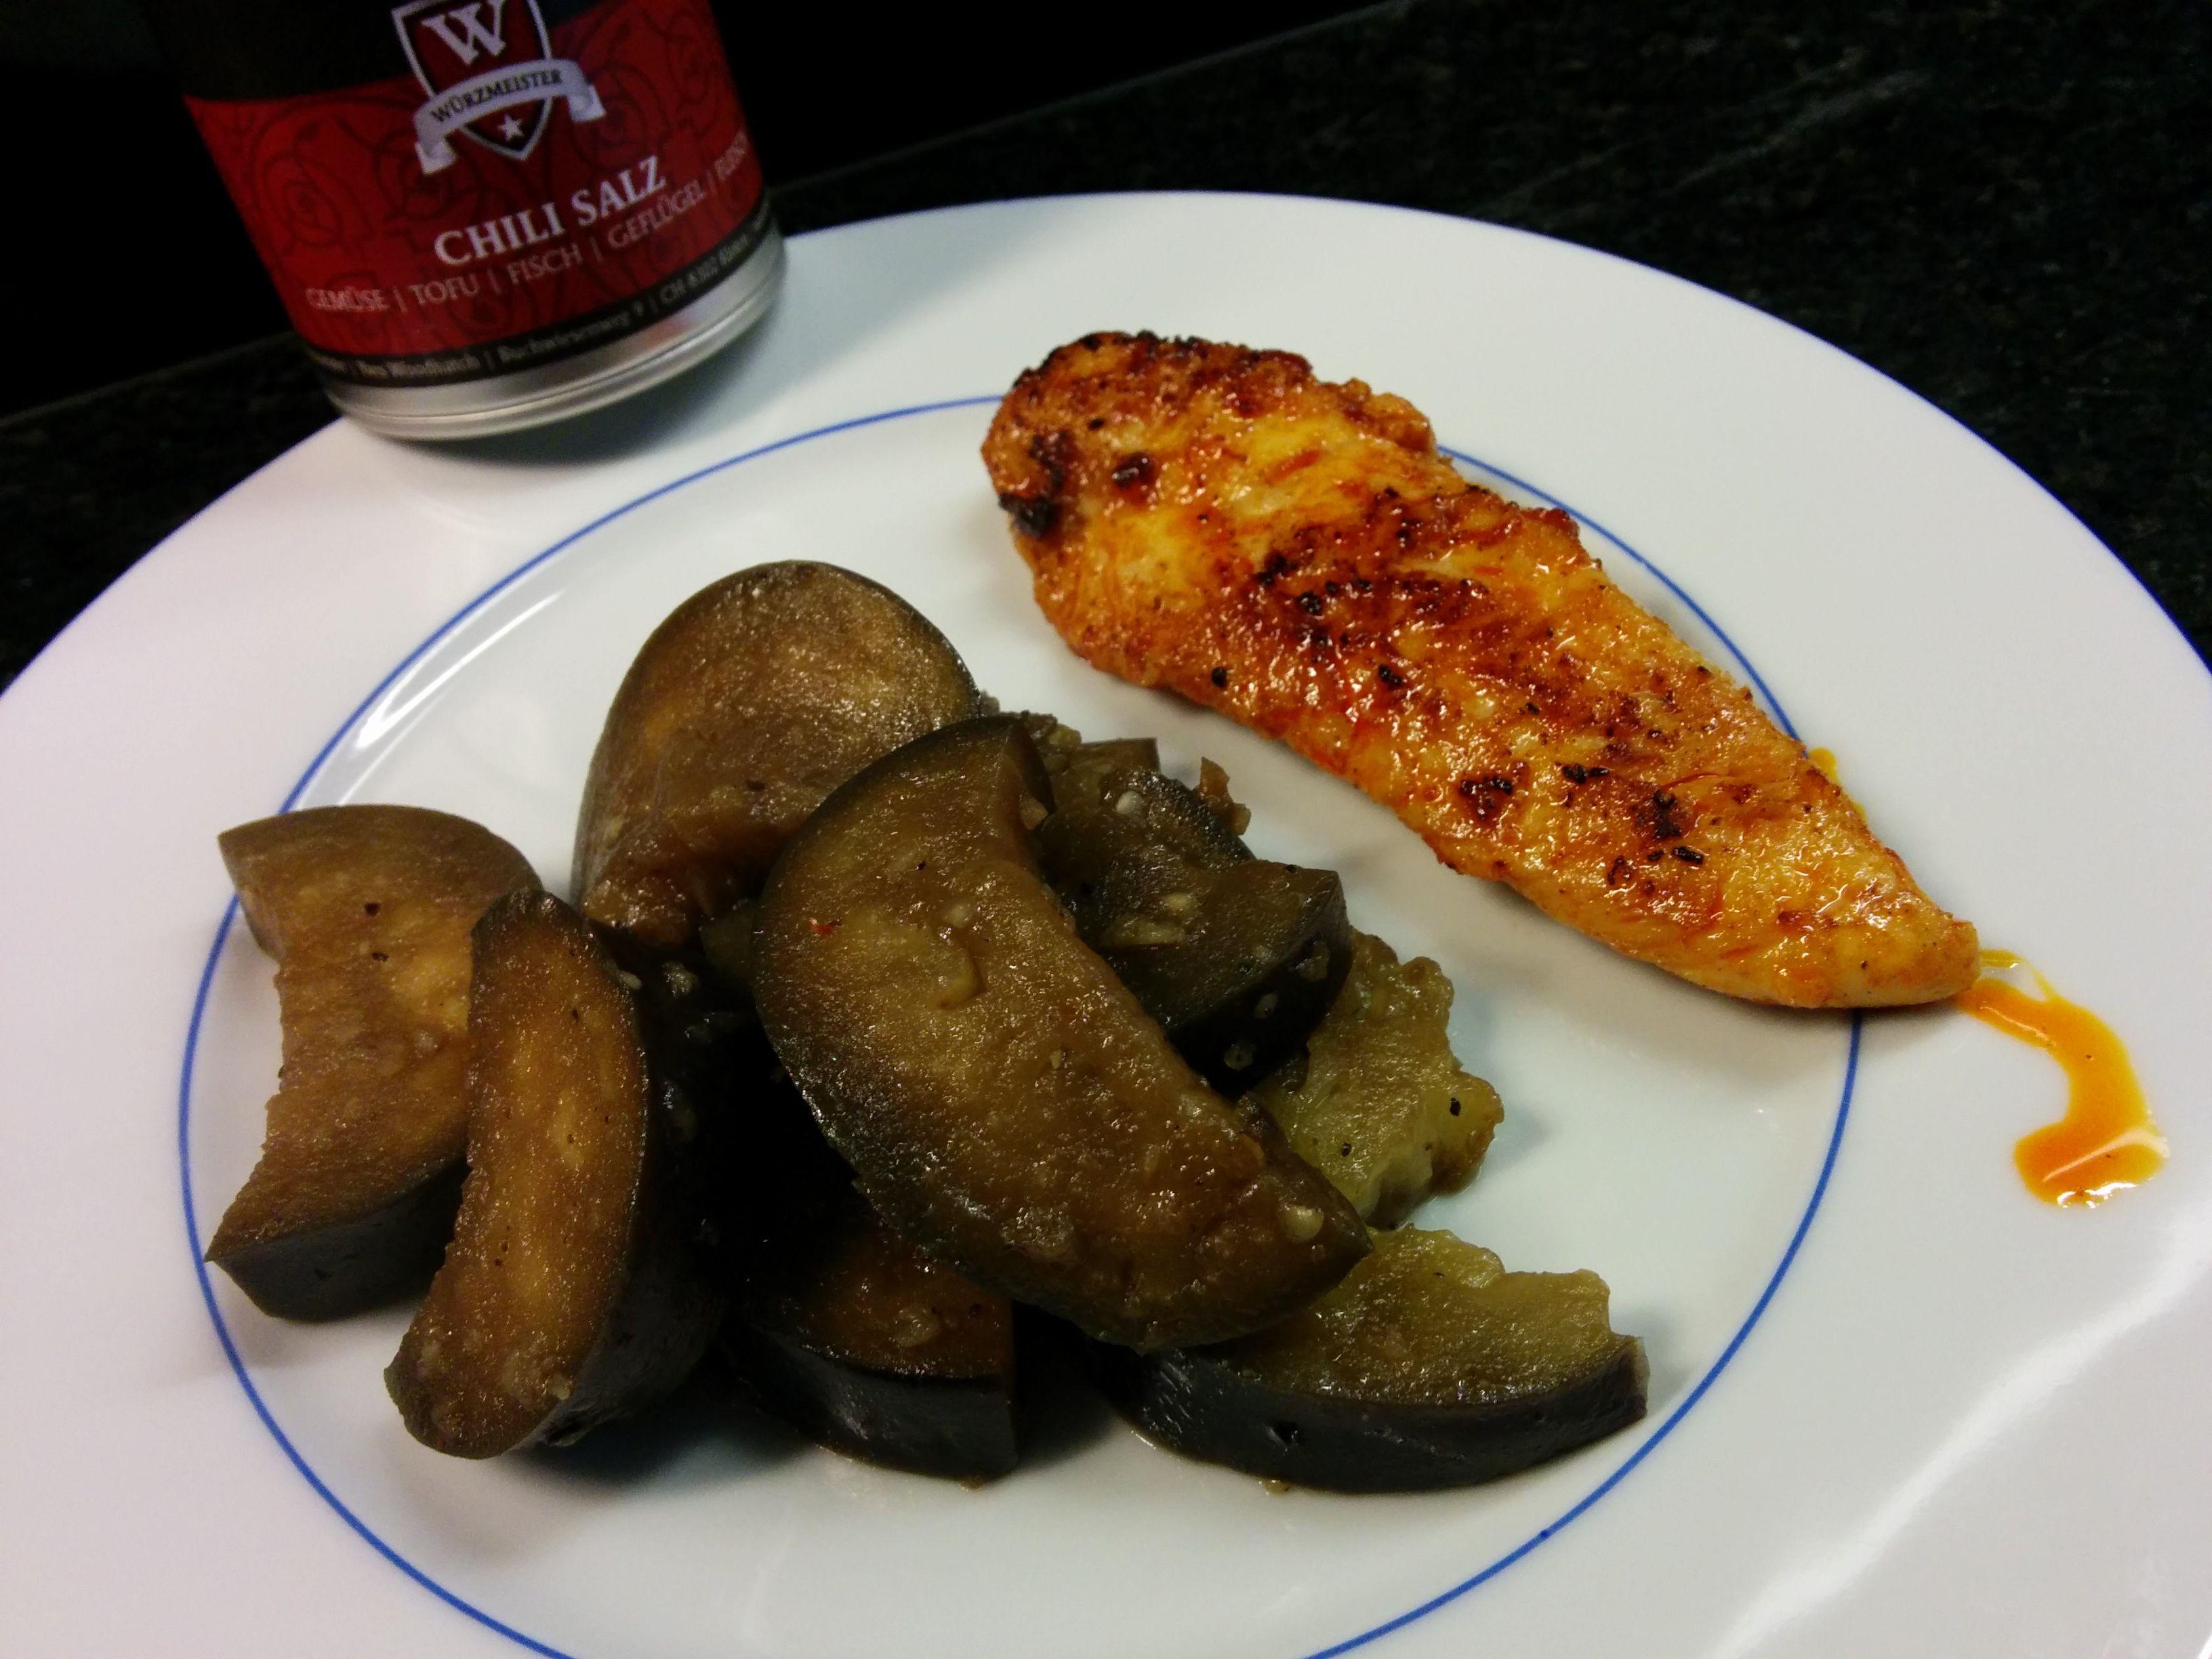 Auberginen Stir Fry 500g  japanische Auberginen, 100 ml Öl 300 ml Wasser, Chili-Salz von Würzmeister.ch, 2 Knoblauchzehen, 3 EL Sojasauce, 1 EL Zucker